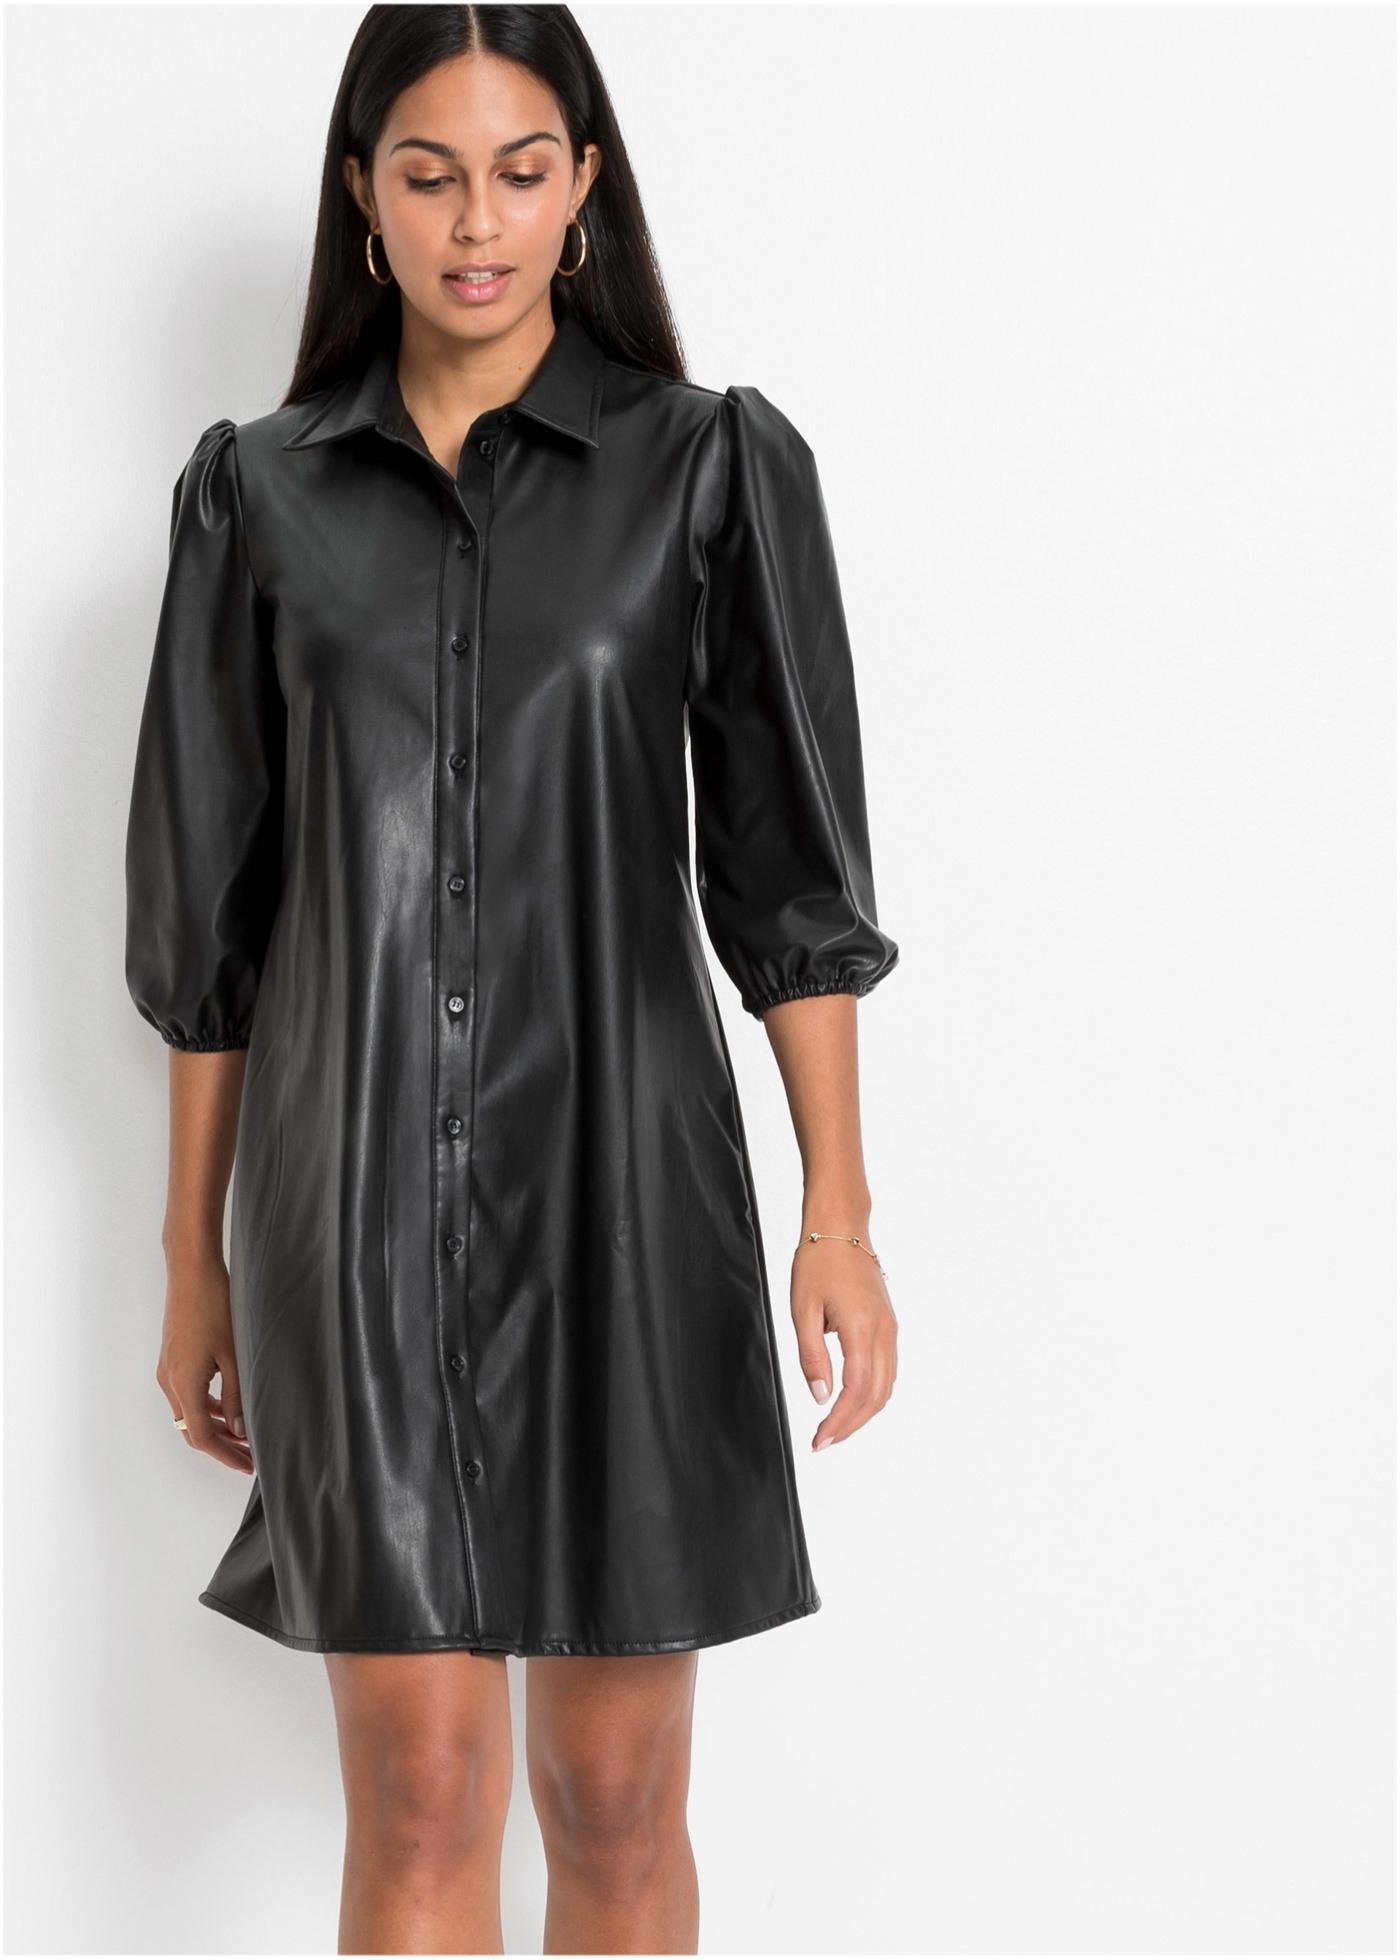 Modernes Kleid Aus Lederimitat Mit Knopfleiste  Schwarz